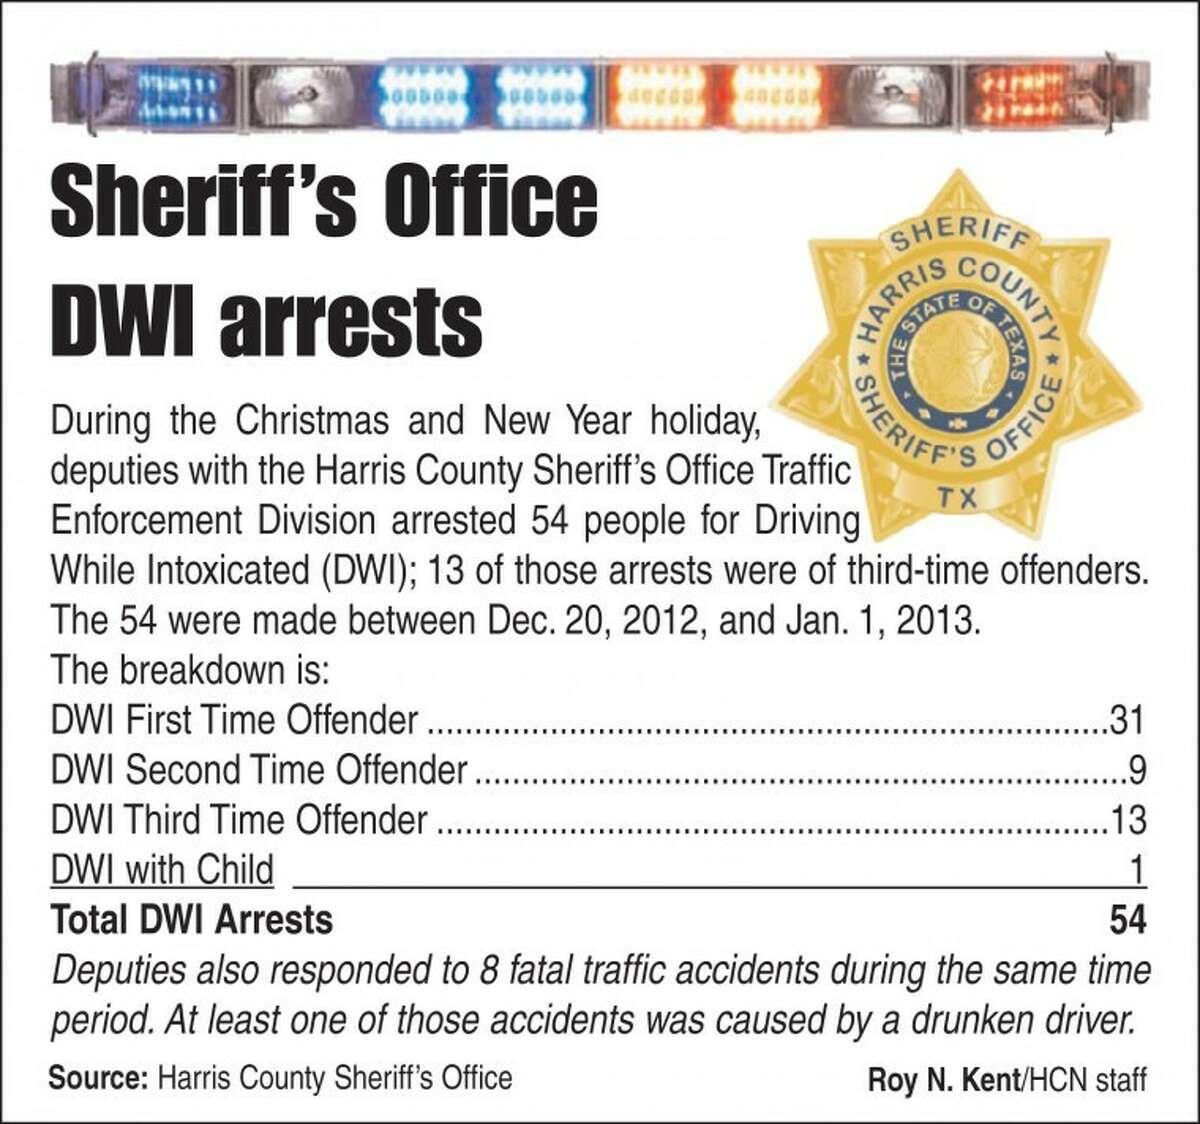 DWI arrests